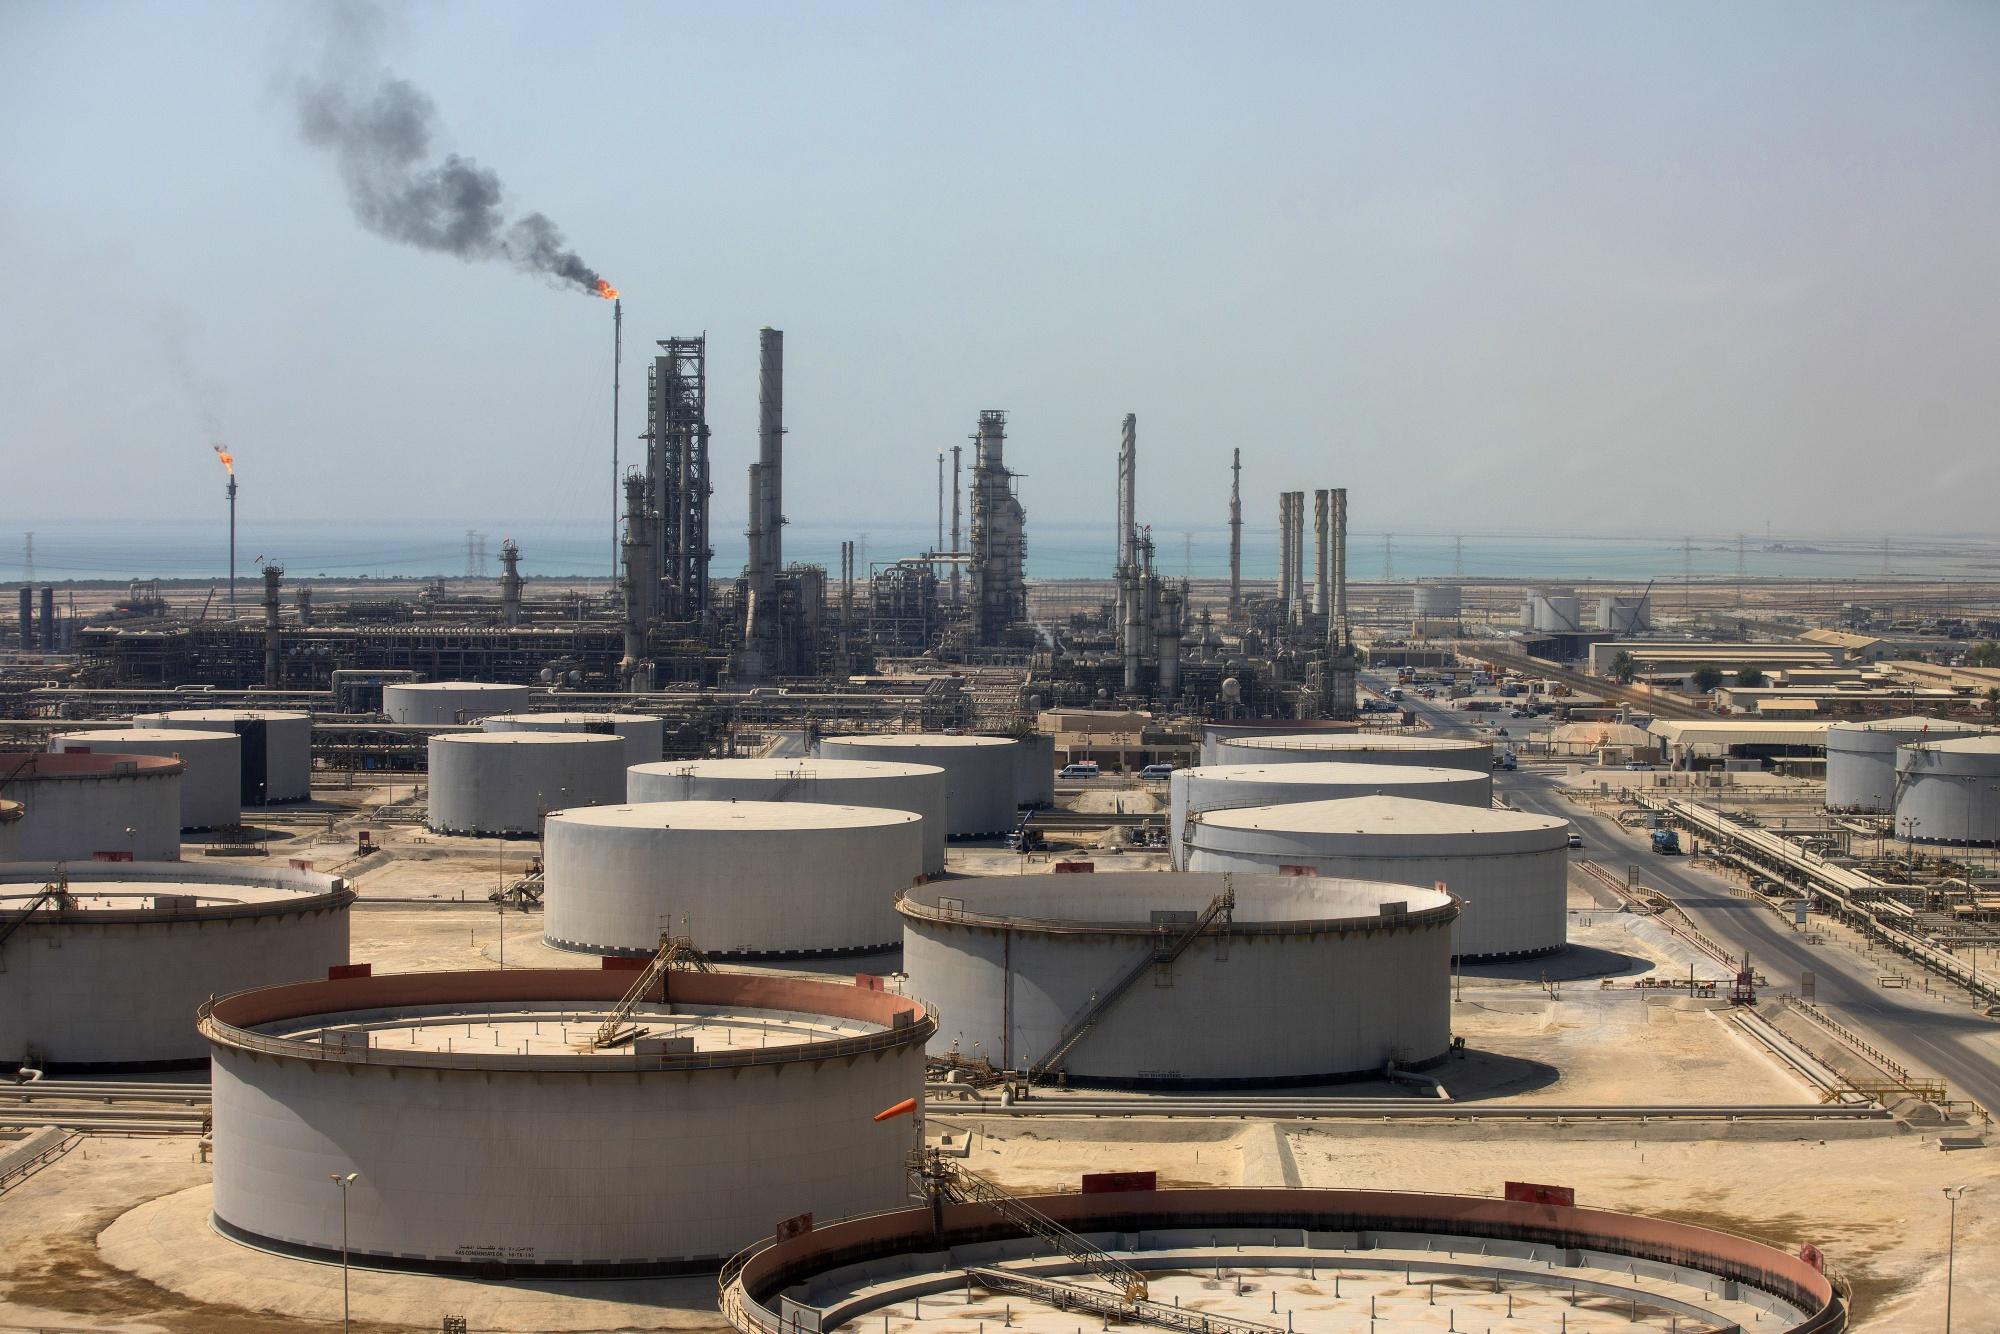 Naftni tanRezervoari za skladištenje sirove nafte u rafineriji nafte kojom upravlja Saudi Aramco, Ras Tanura (Foto: Bloomberg)keri